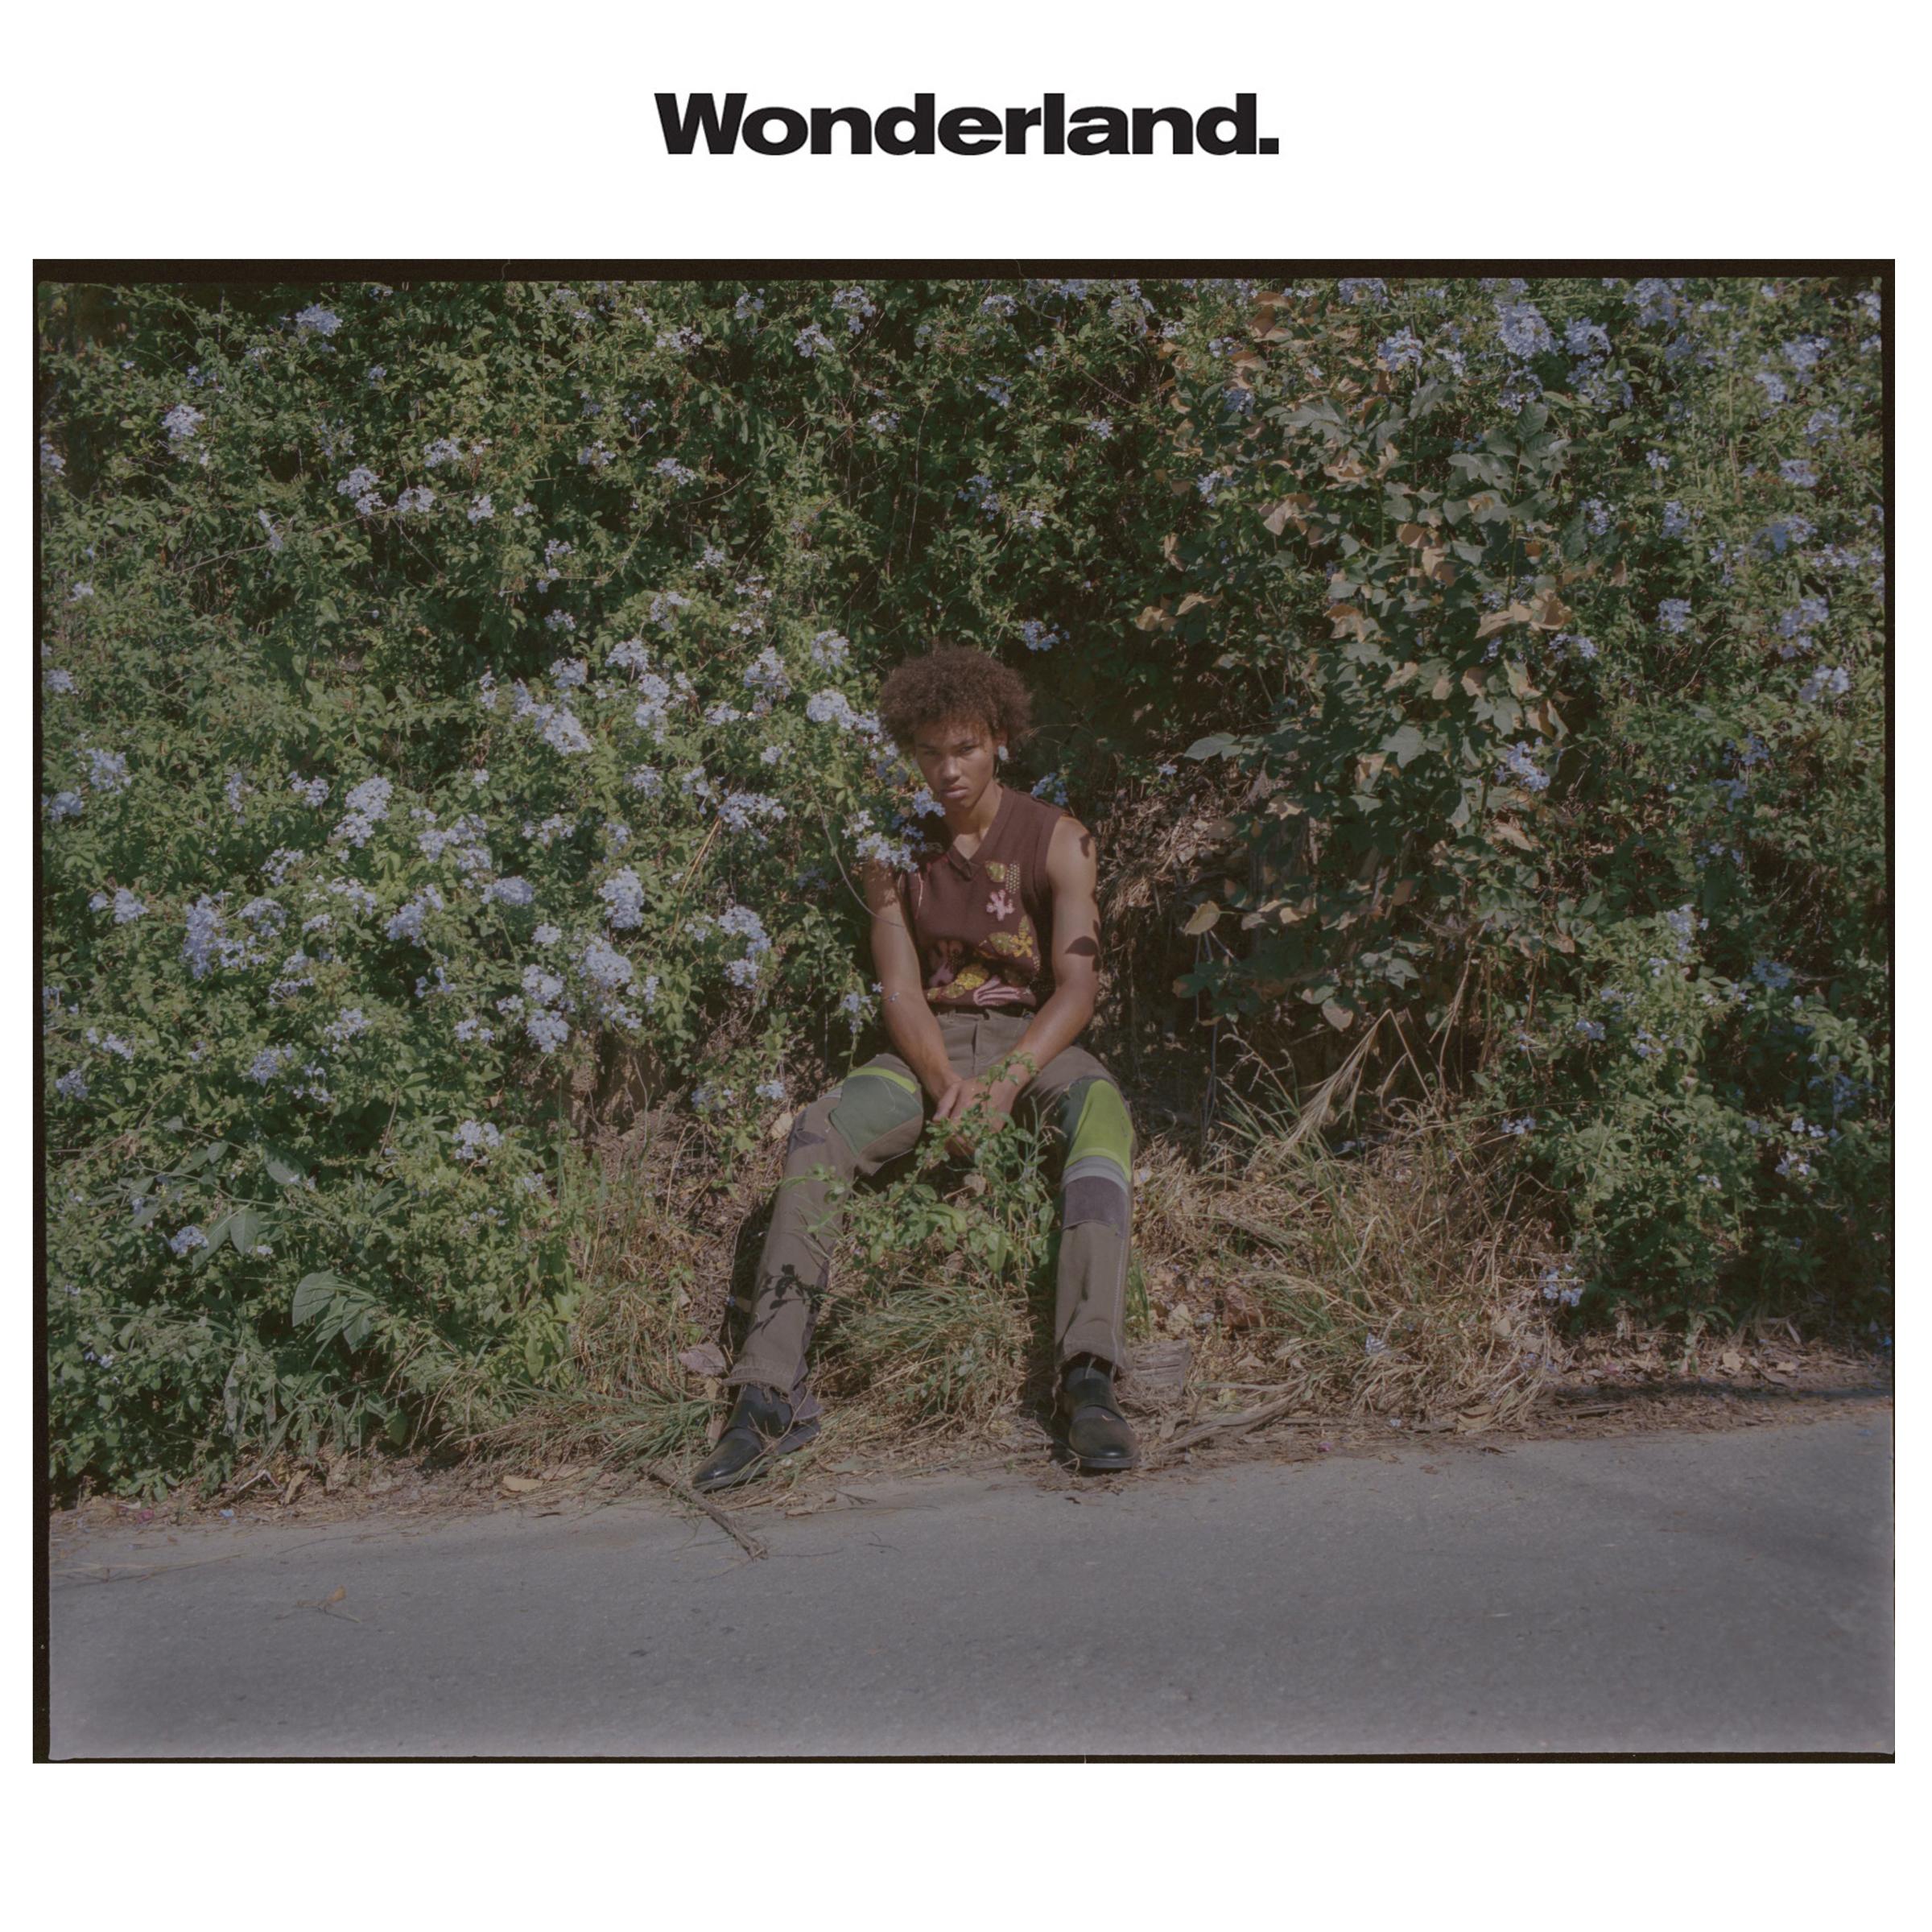 wonderland_chloechenelle_2.jpg